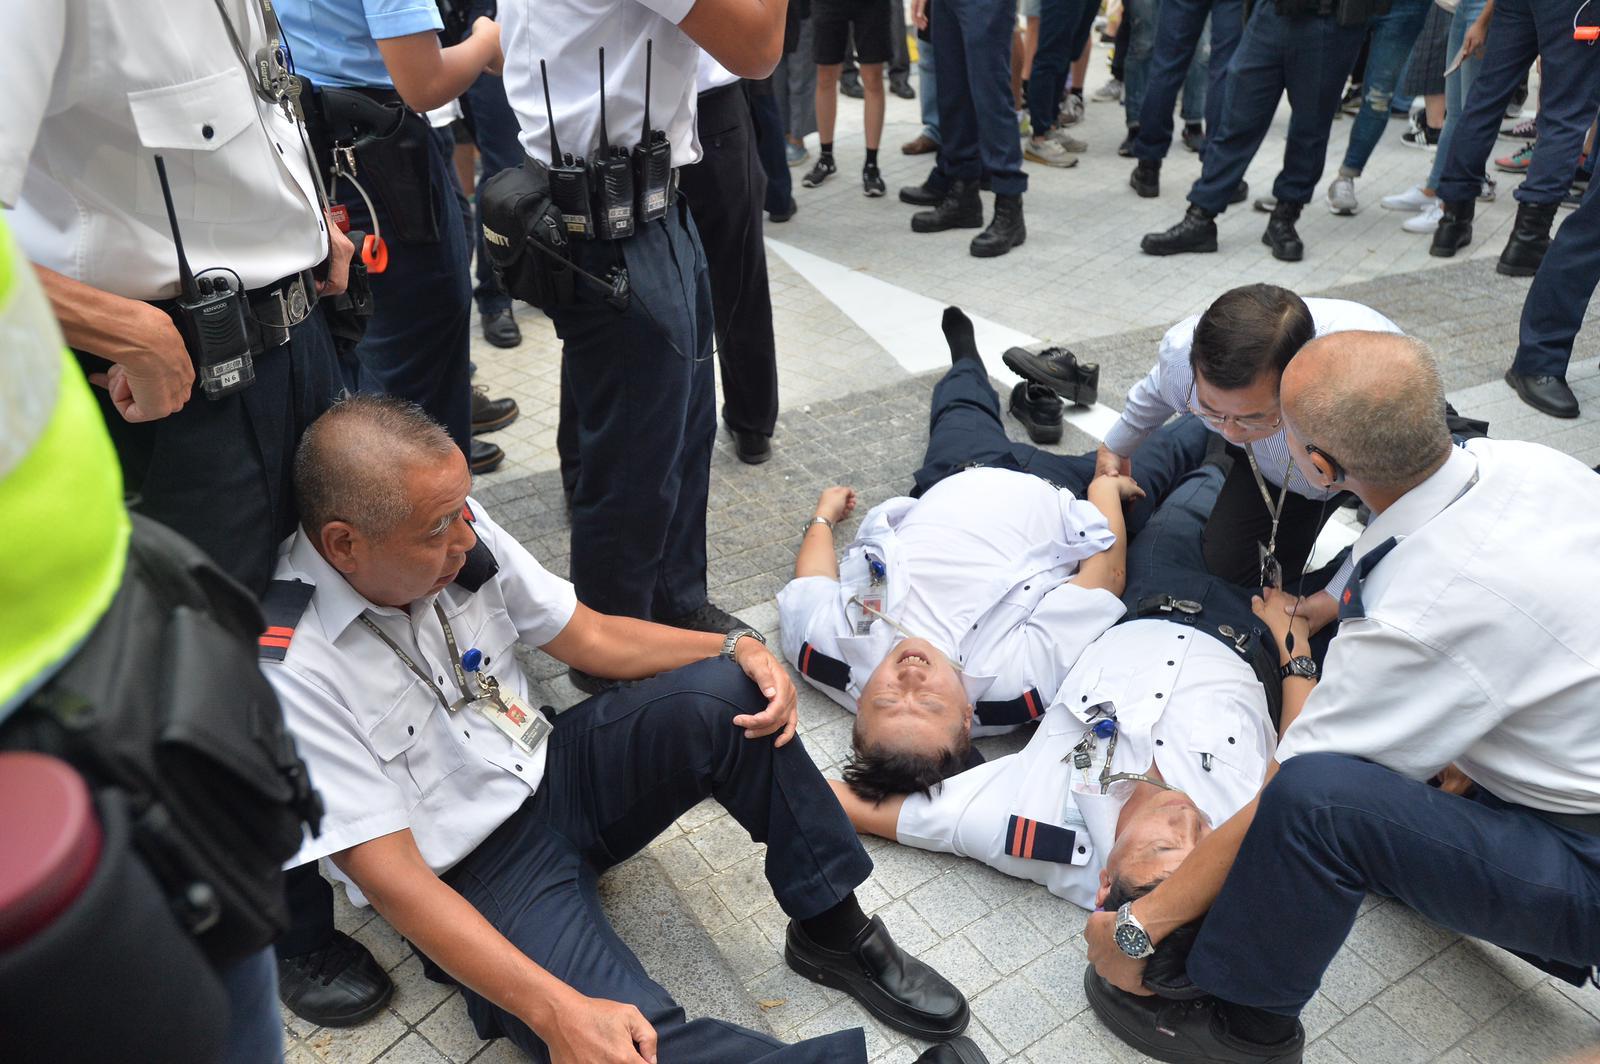 有保安員在混亂中受傷。